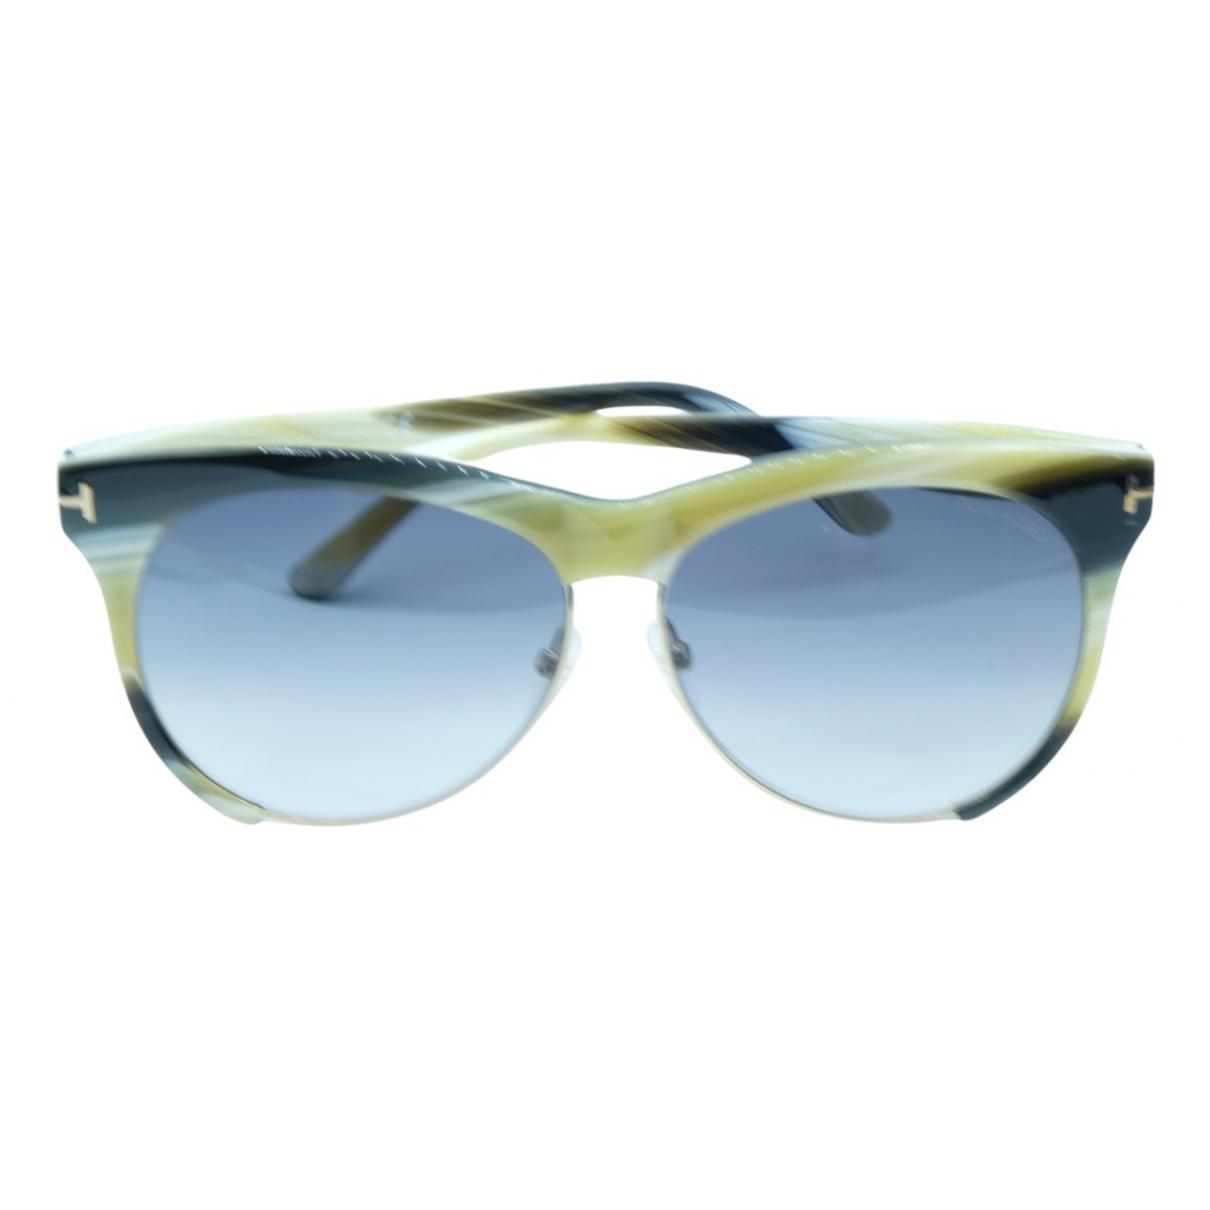 Tom Ford N Multicolour Sunglasses for Women N